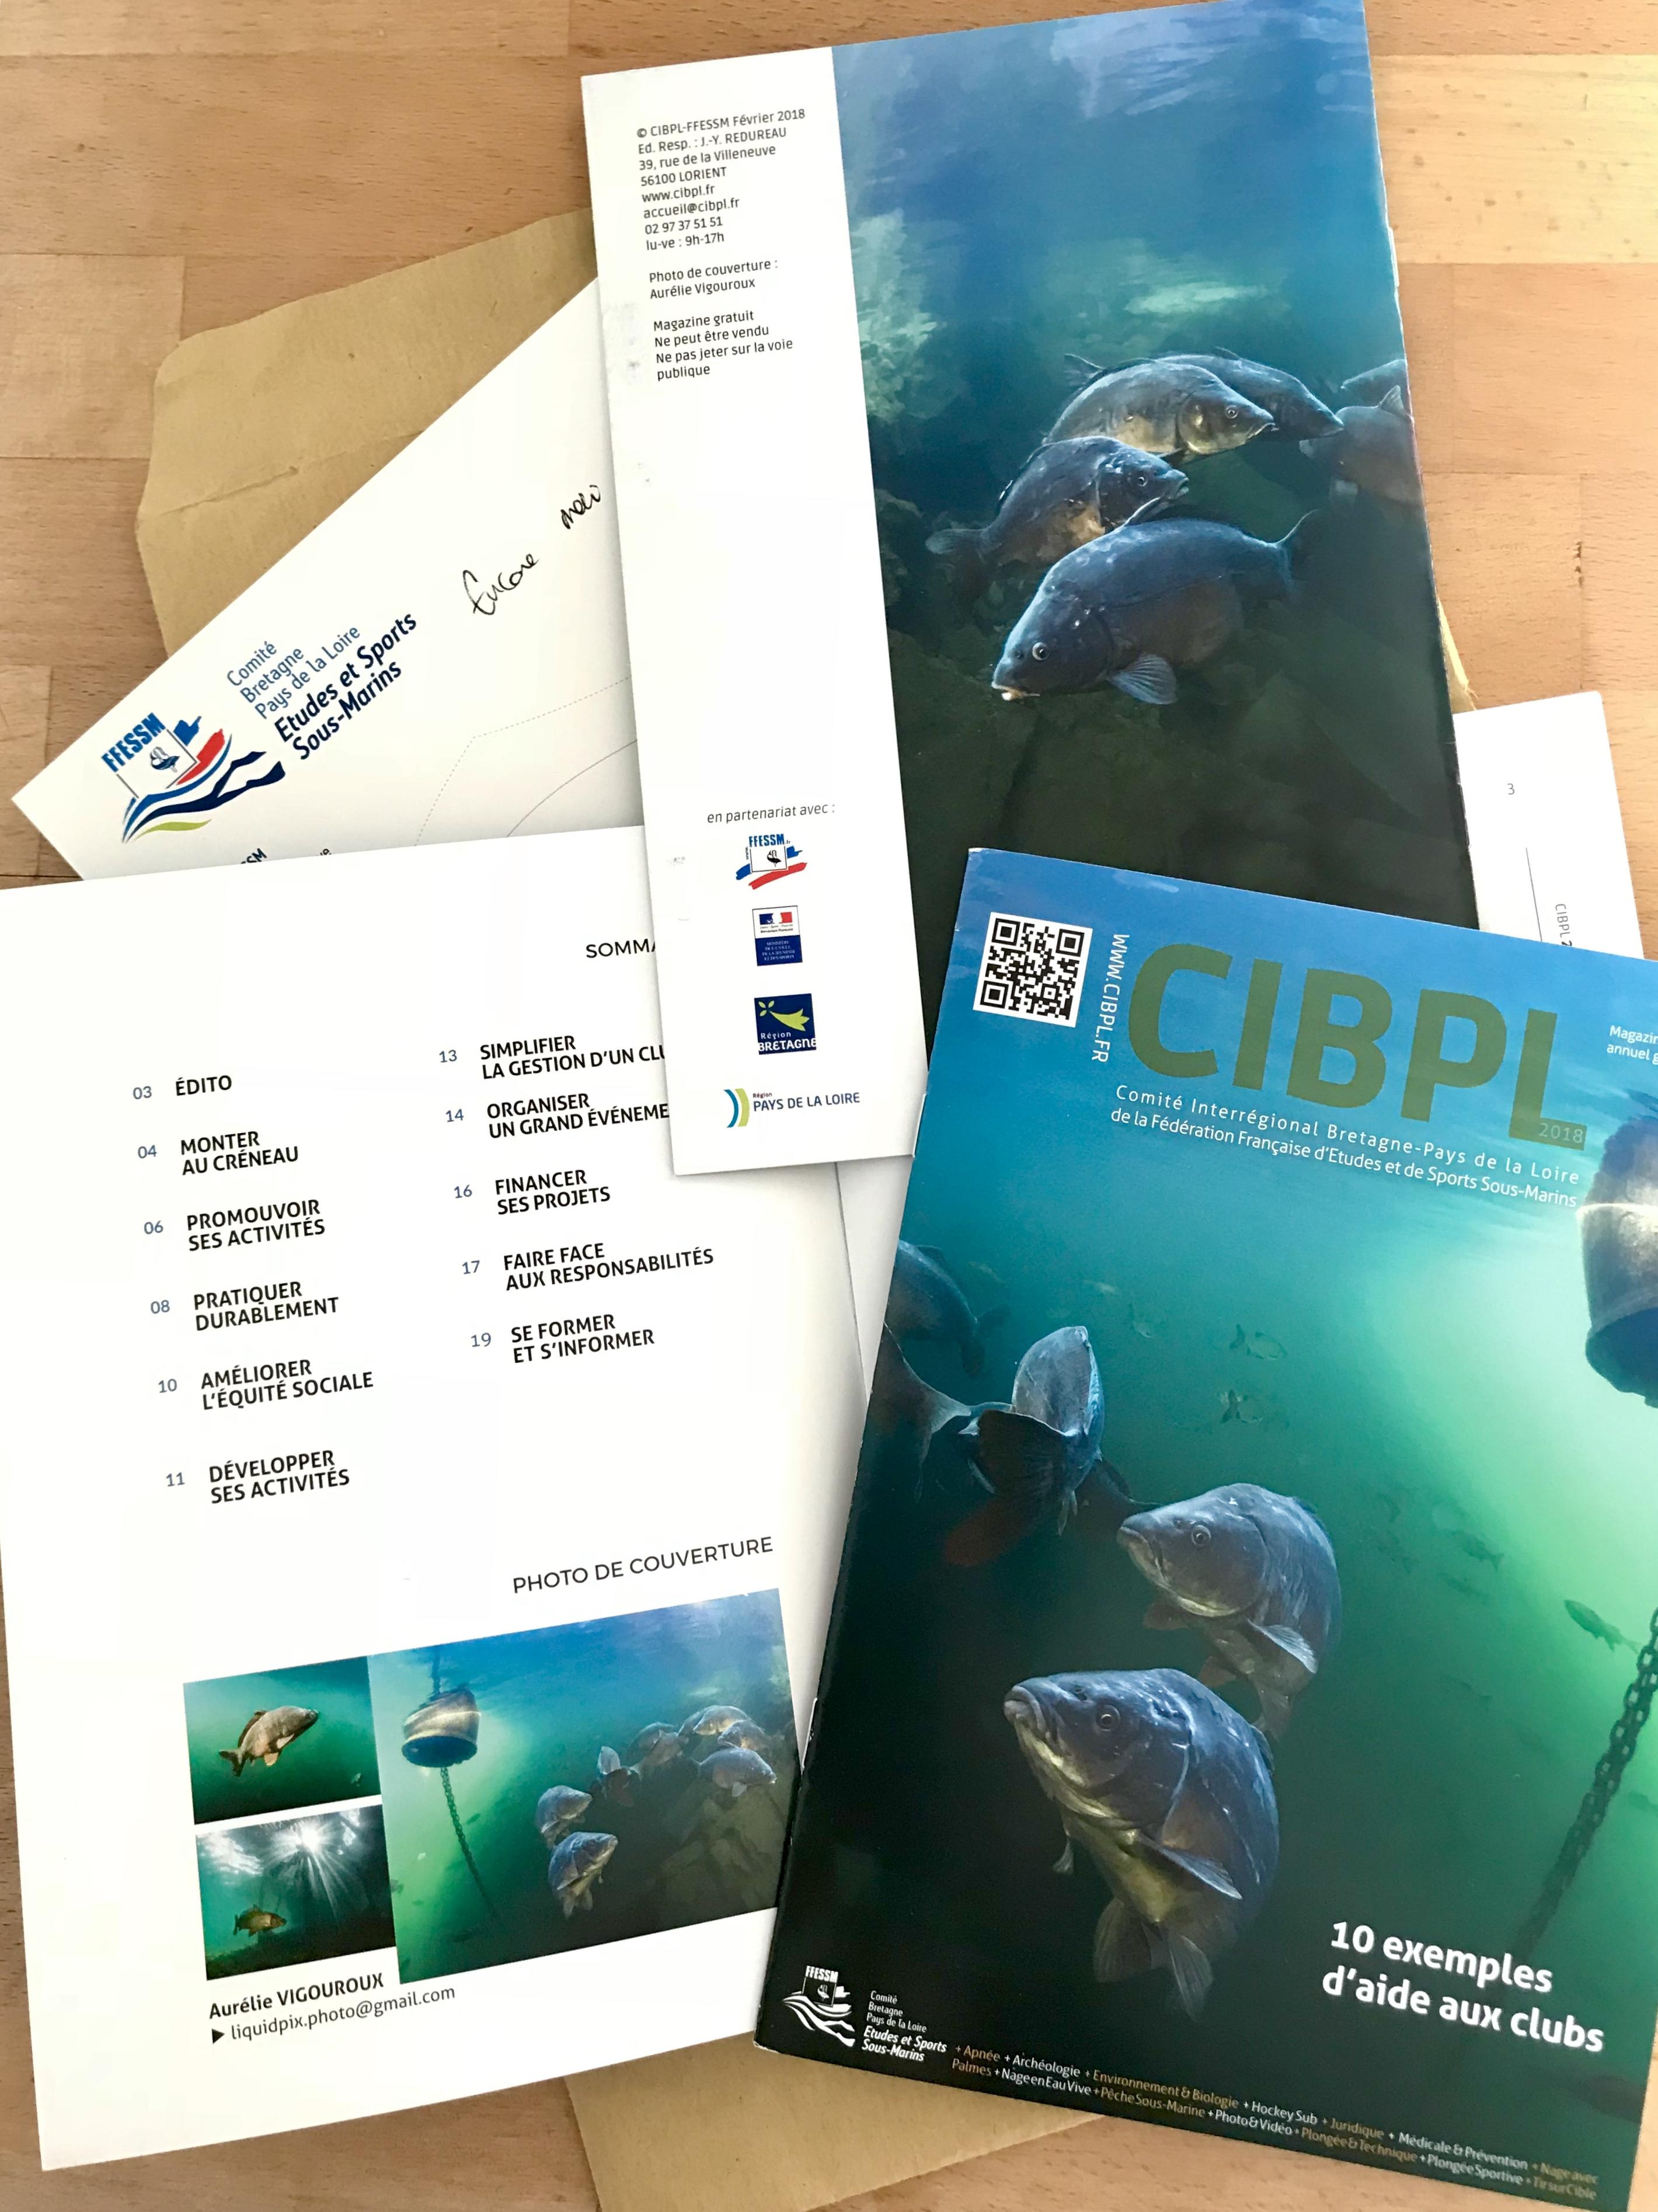 Couverture de la revue du CIBPL